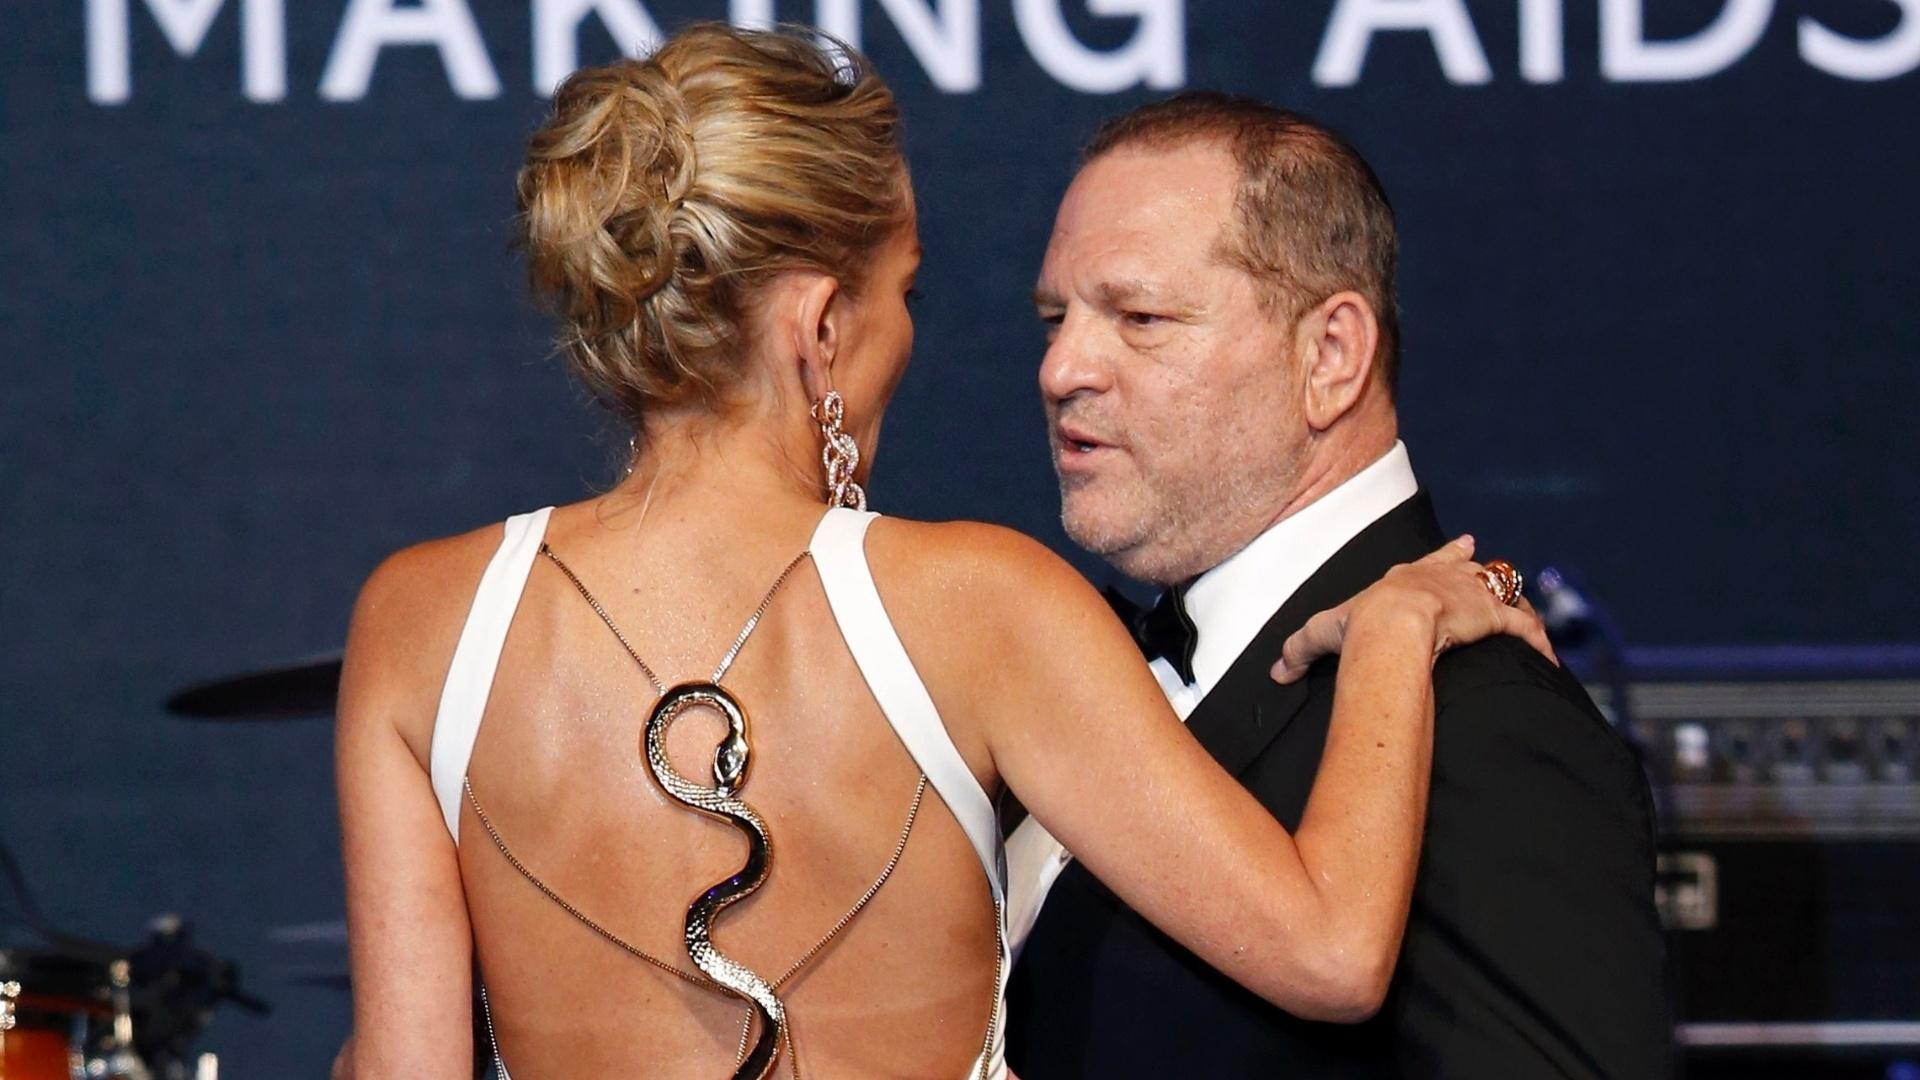 23.mai.2013 - A atriz americana Sharon Stone e o produtor de cinema Harvey Weinstein participam do evento de caridade Cinema Contra a Aids, organizado pela amfAR, que ocorre durante o Festival de Cannes